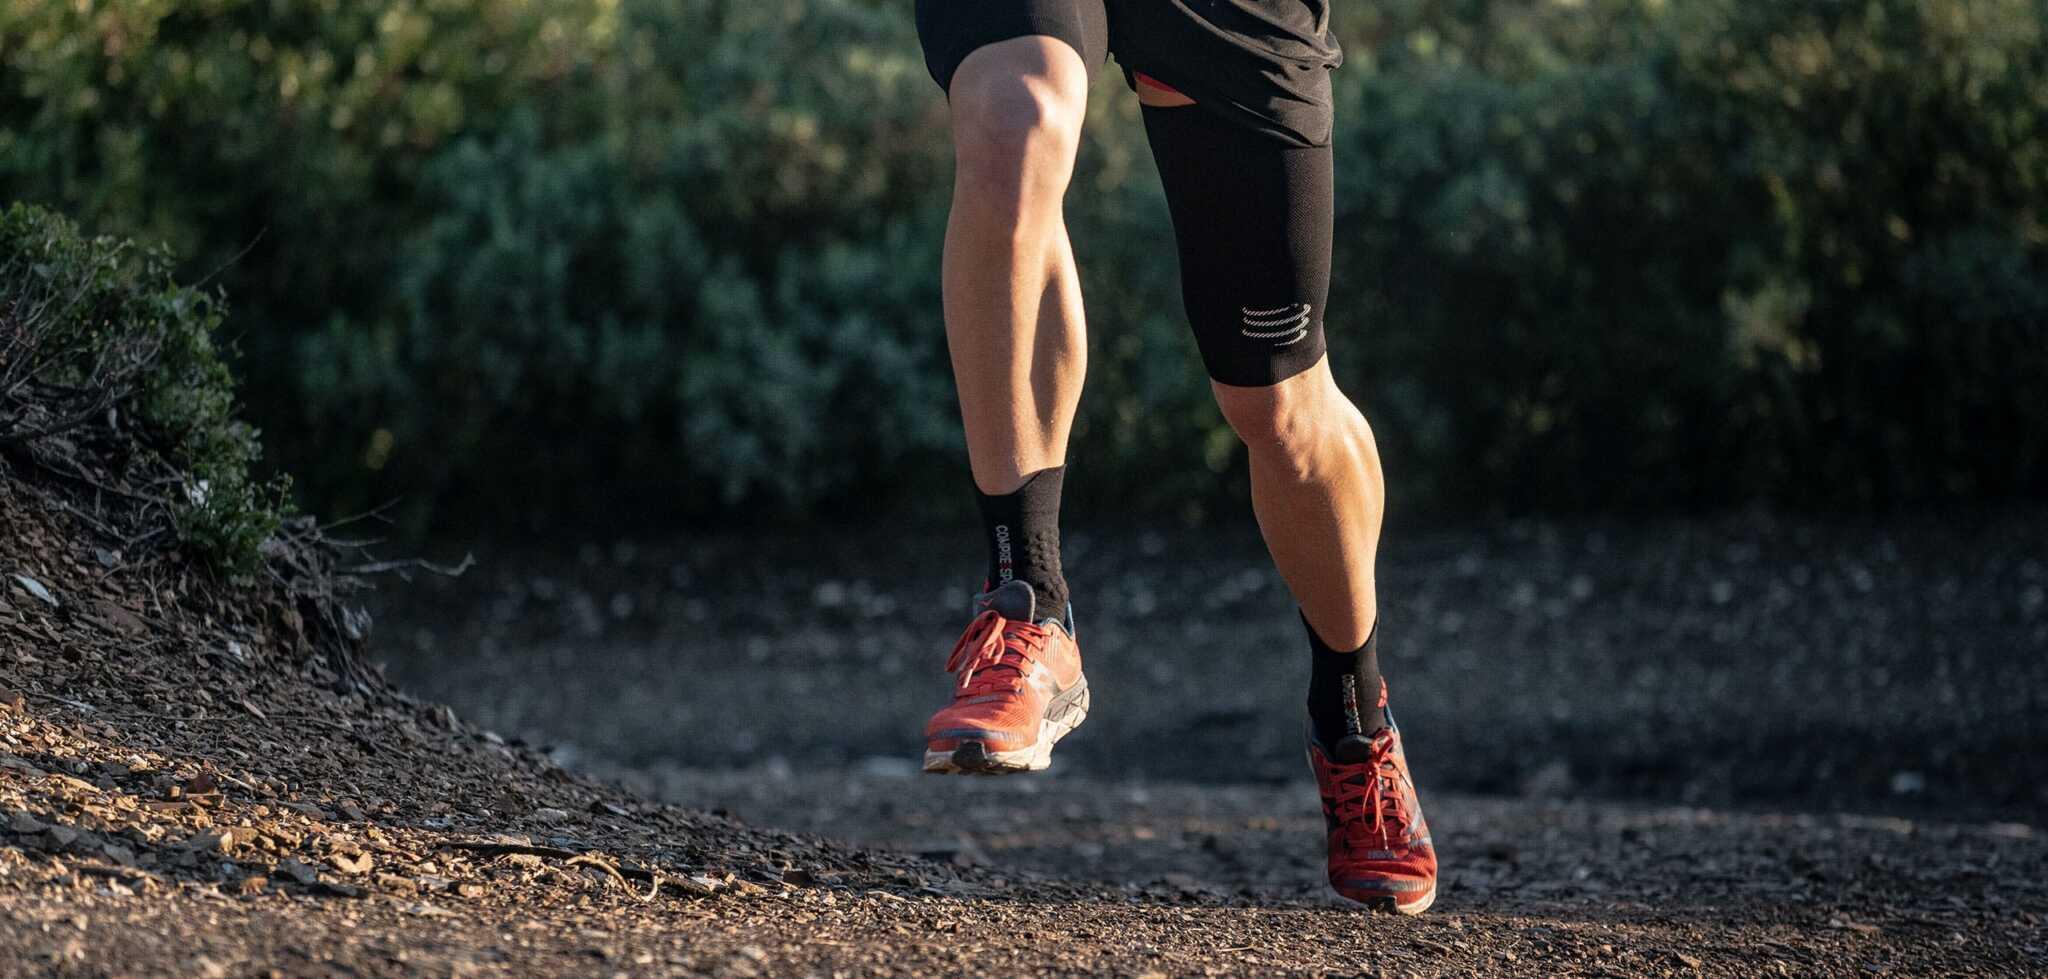 Vớ chạy bộ Compressport Pro Racing Socks V3.0 - Trail